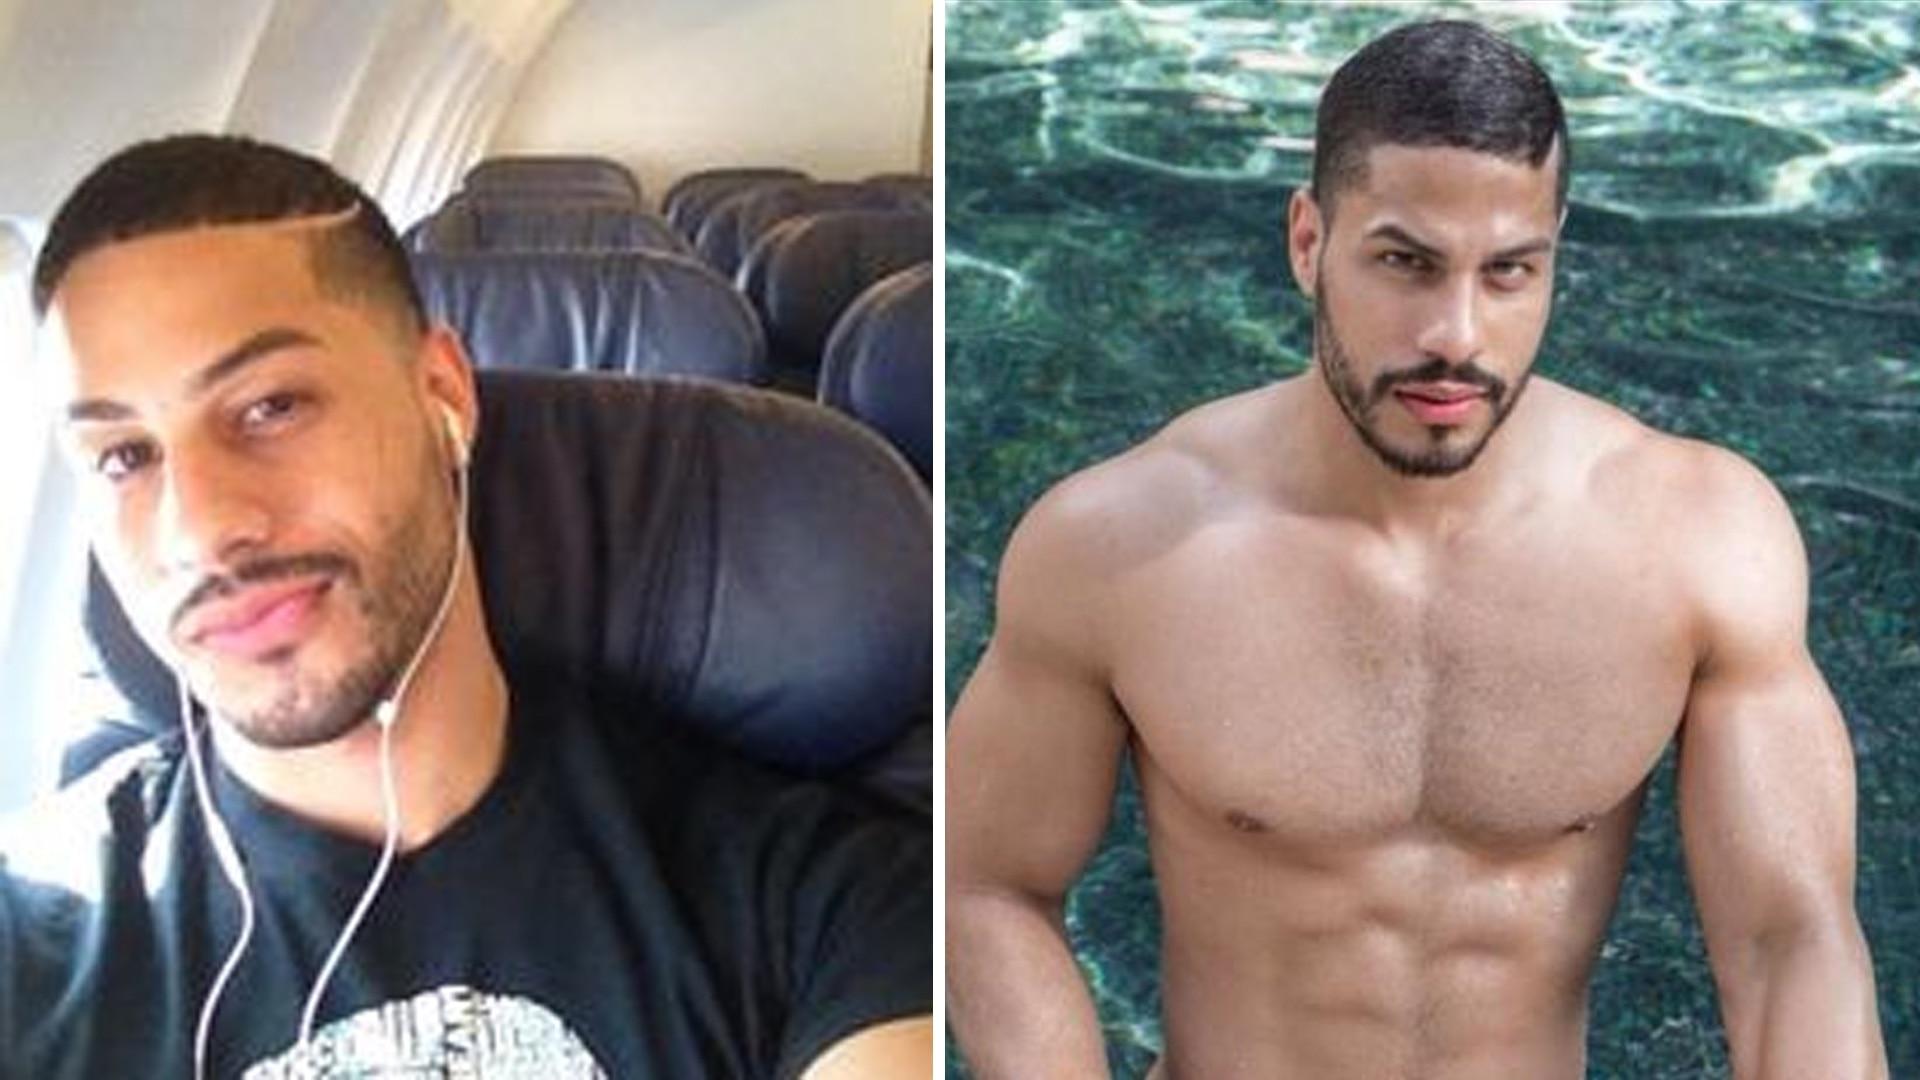 Actor Porno Alejandro actor porno gay terminó detenido por agredir a su novio por